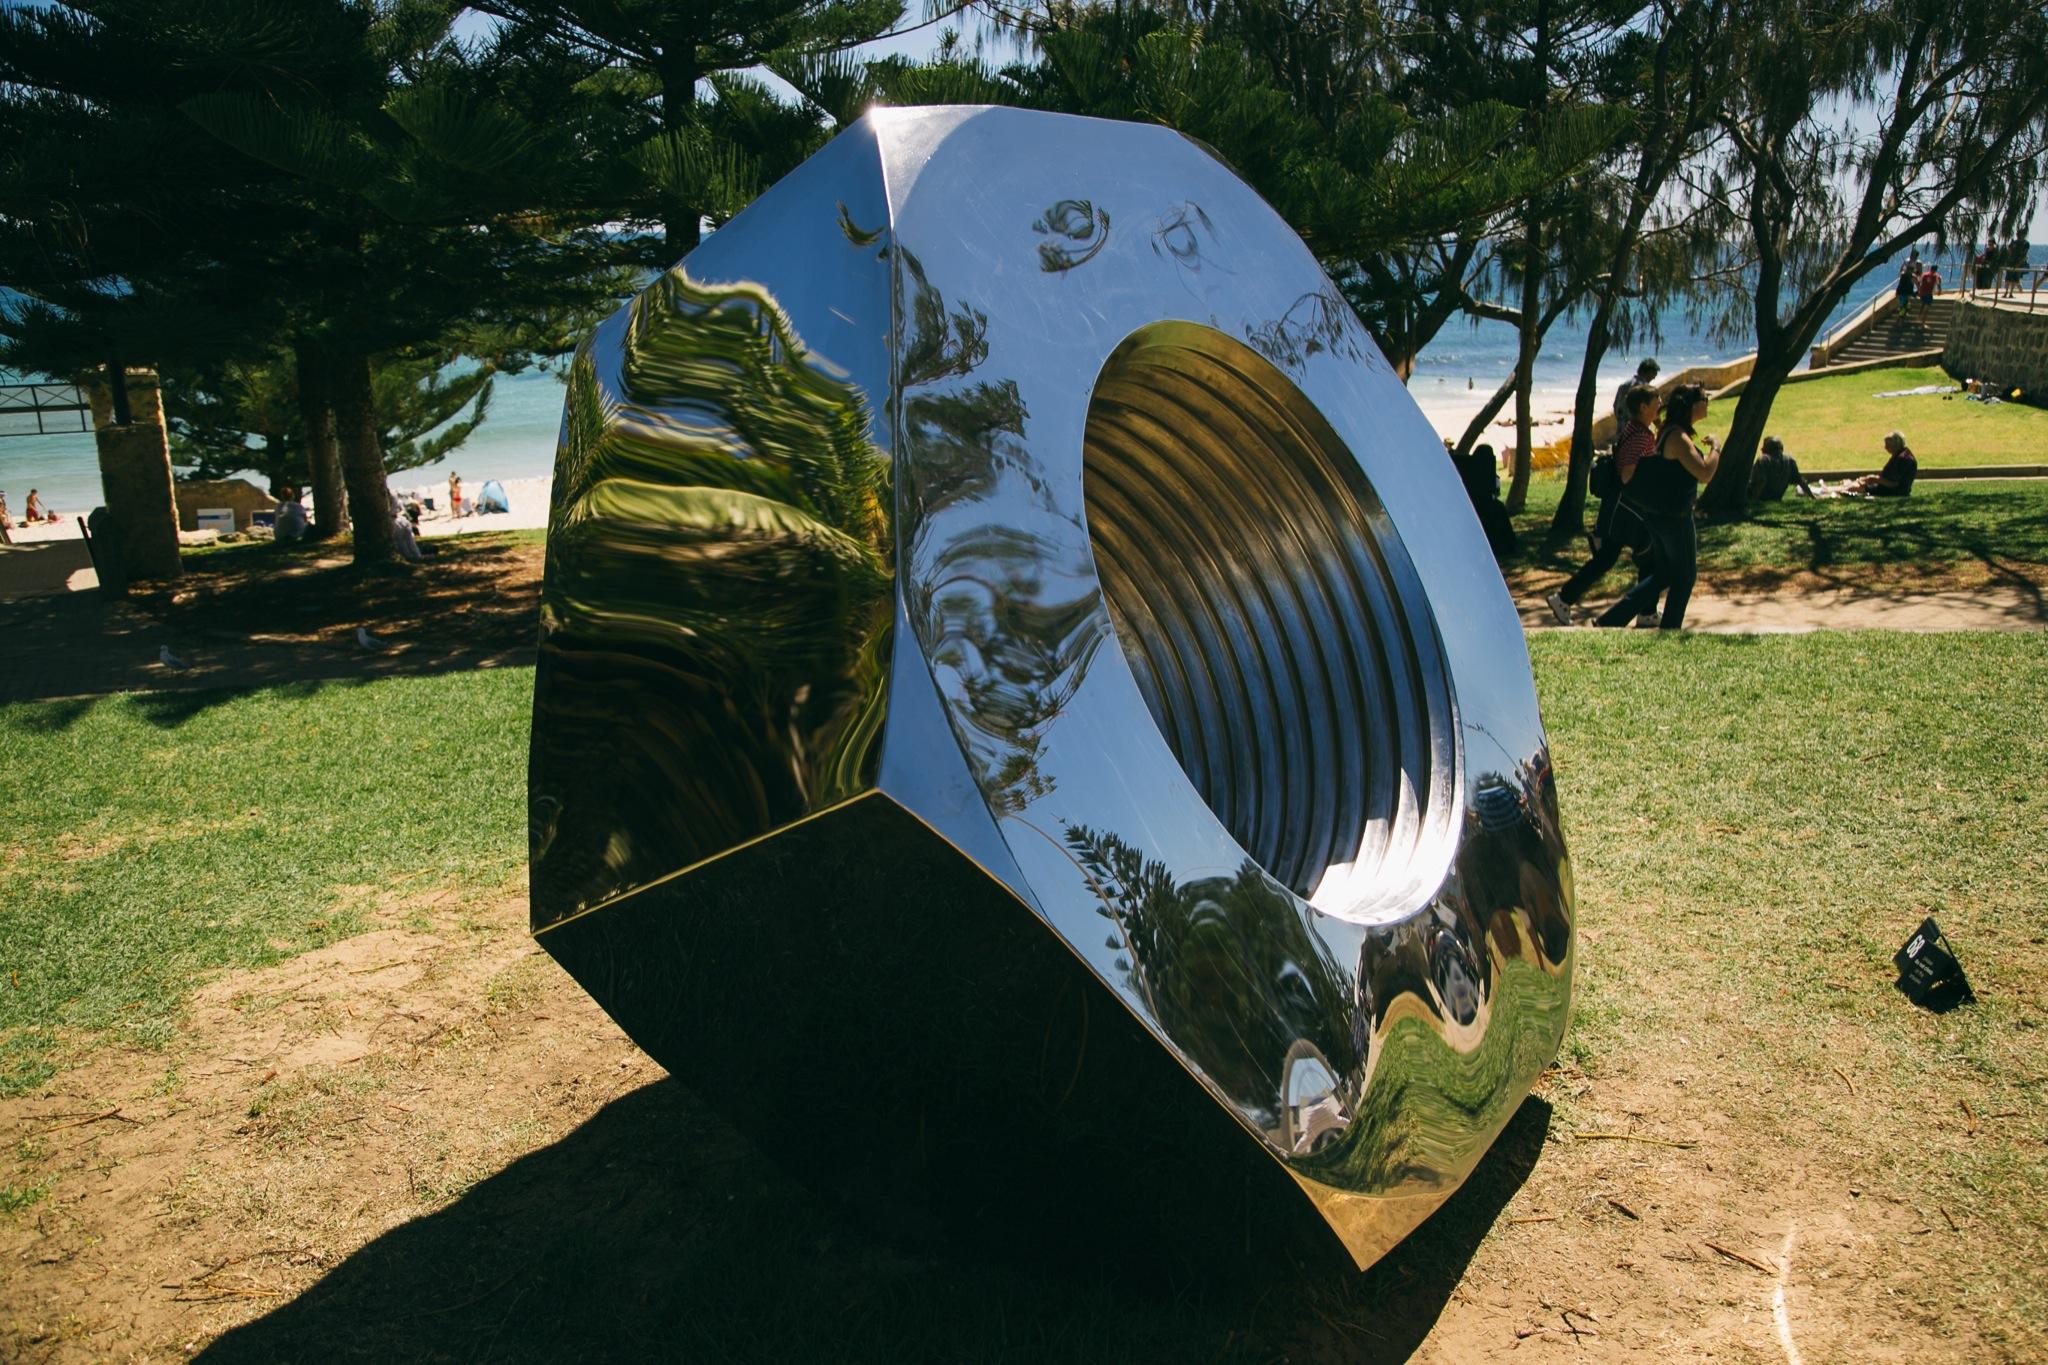 sculpturebythesea-61.jpg